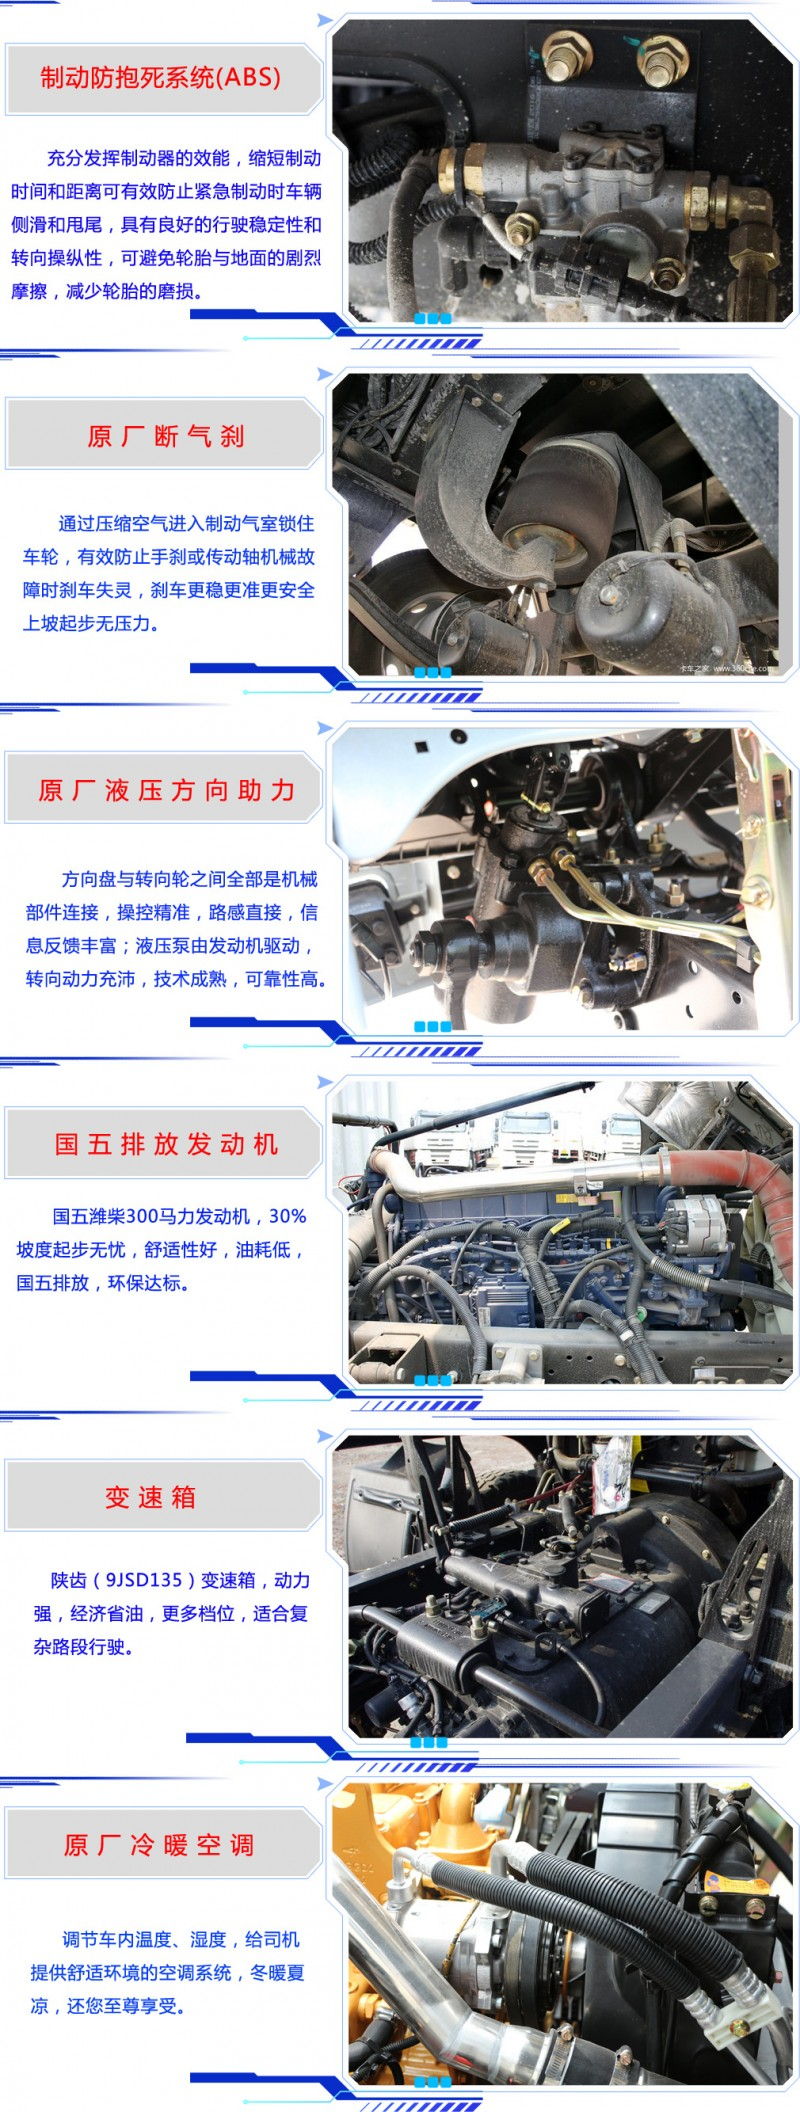 陕汽30吨重型清障车 底盘细节